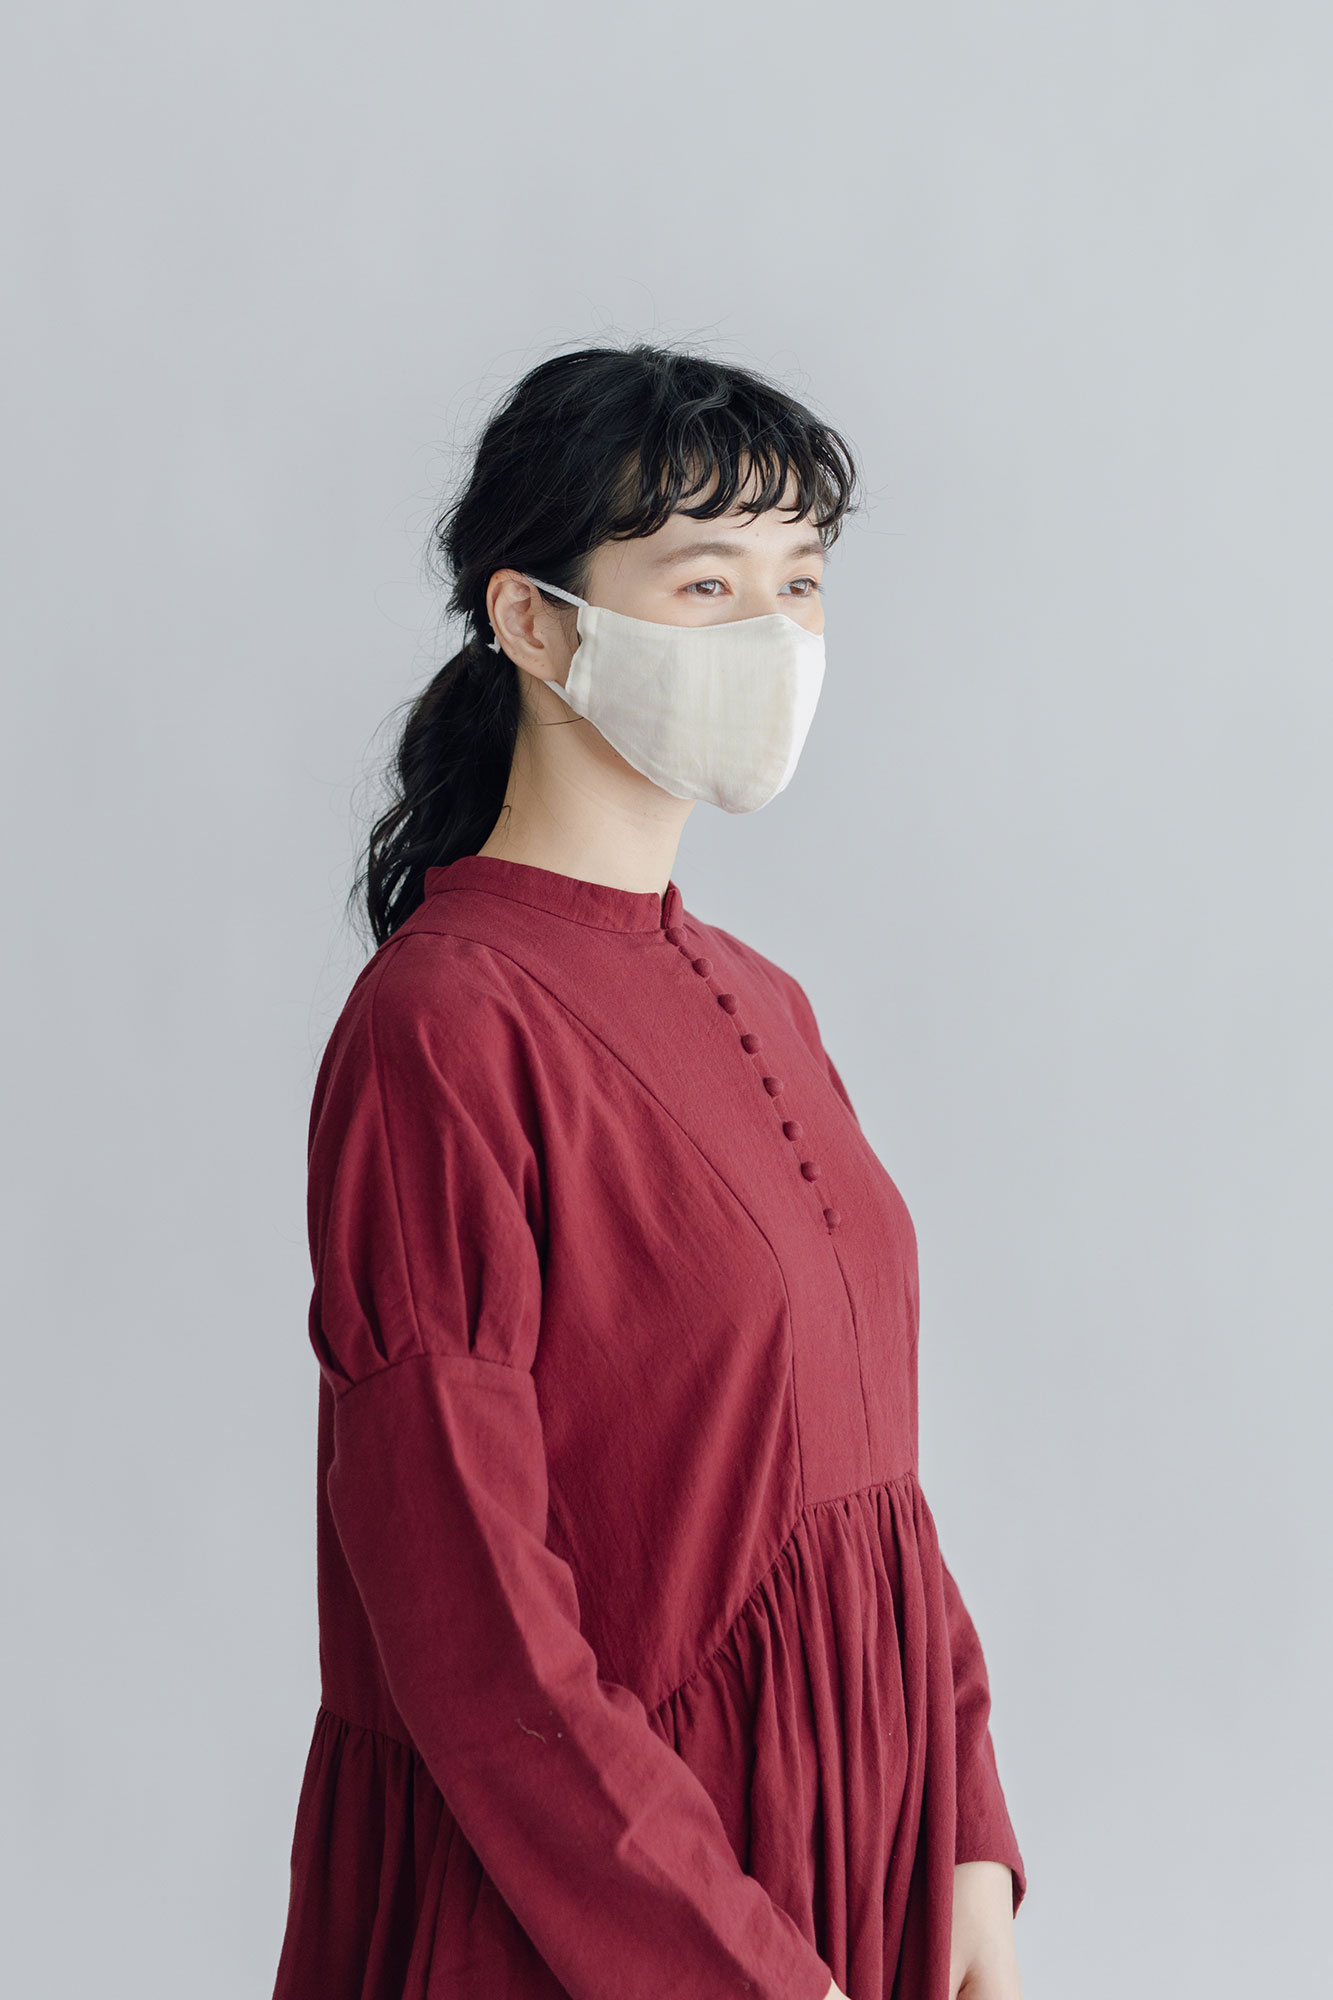 ao [抗ウイルス]ガーゼマスク